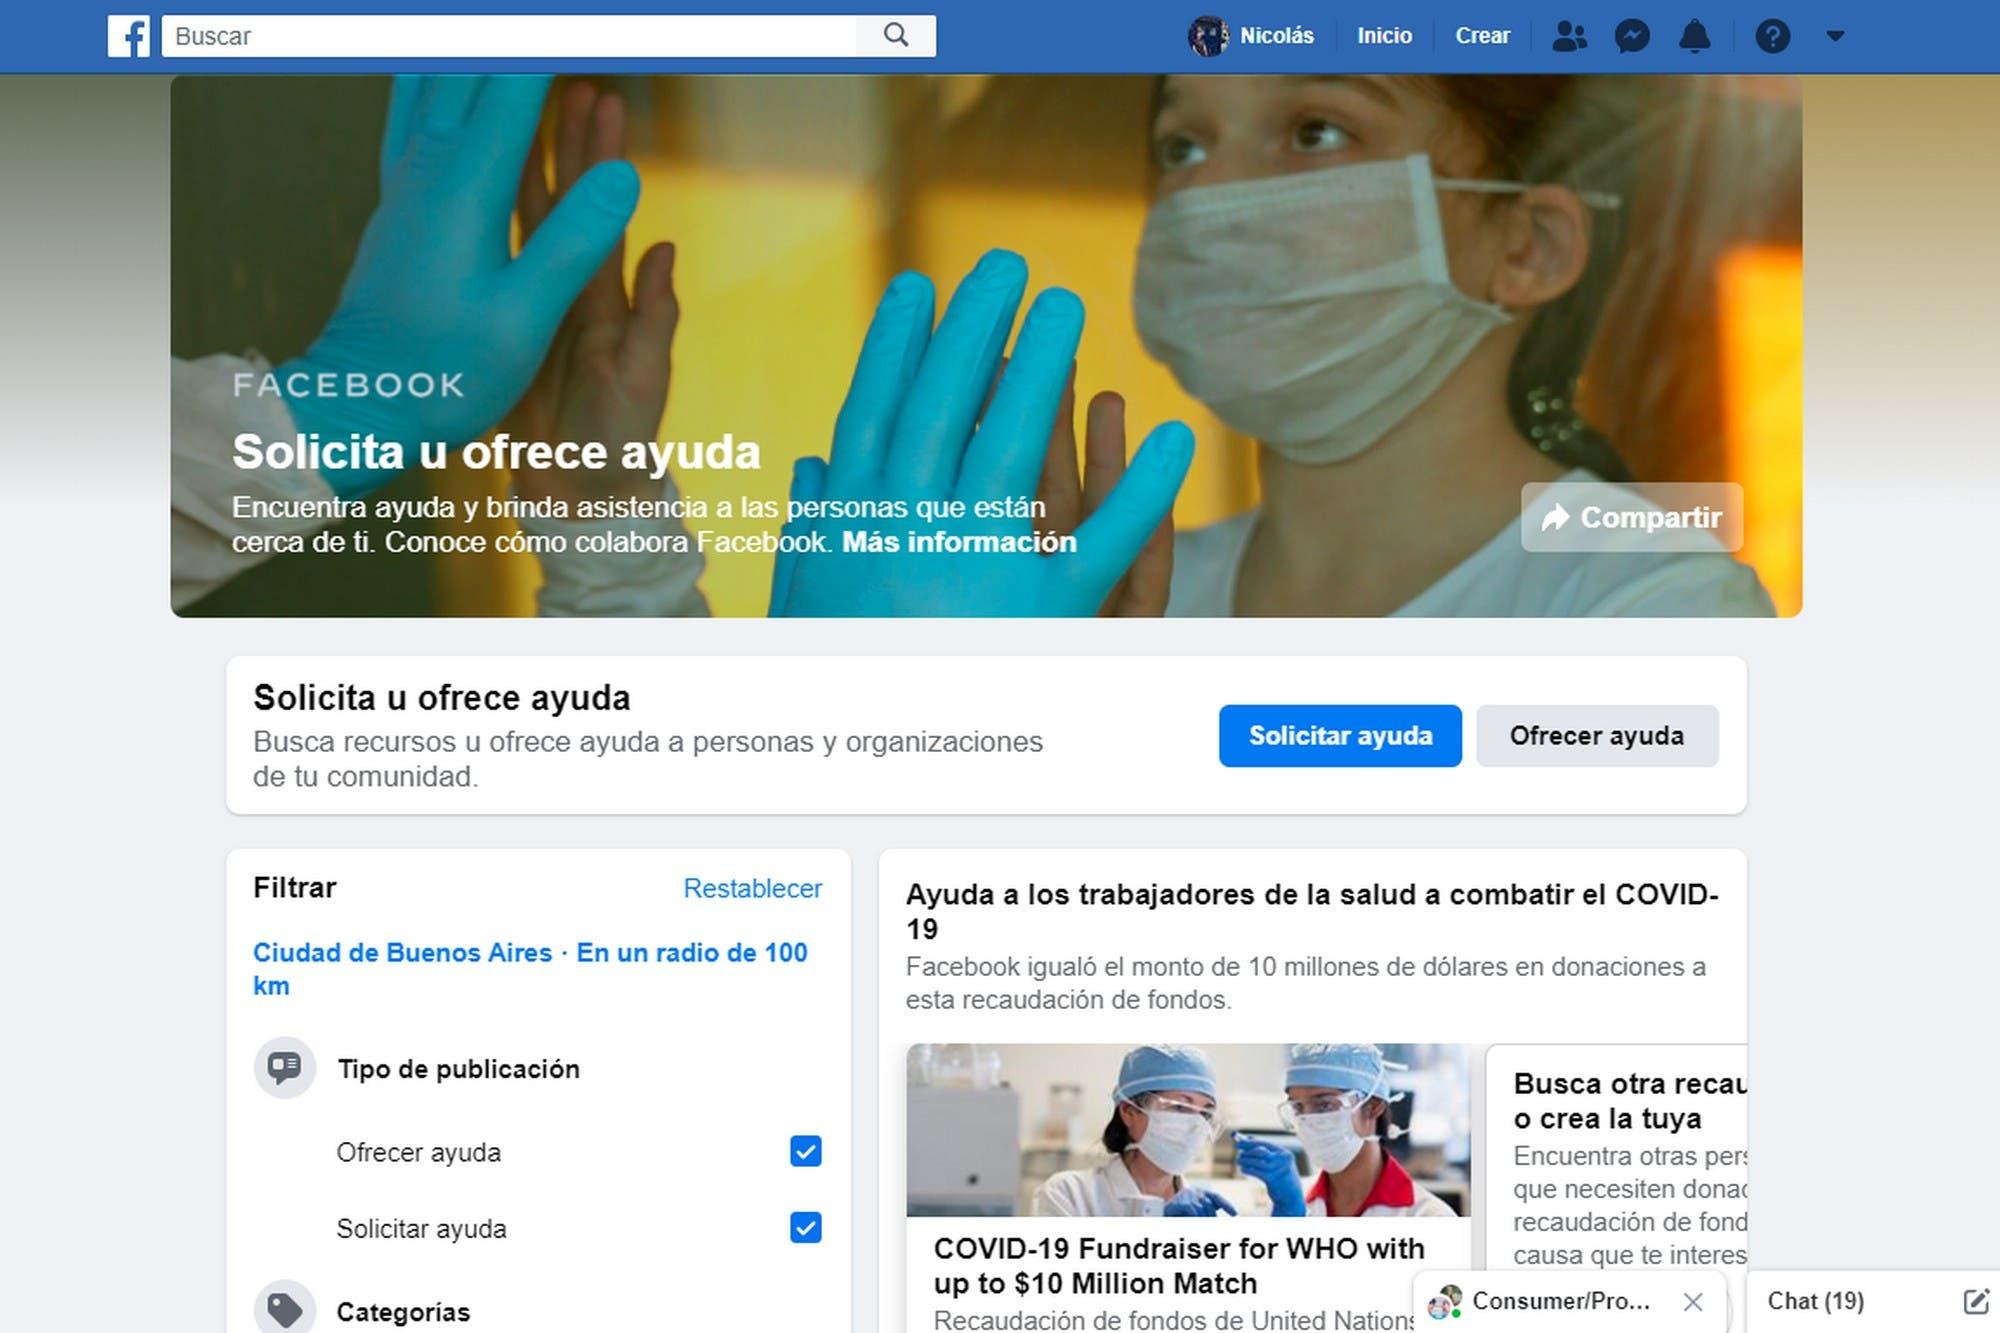 Facebook lanza Ayuda Comunitaria, la iniciativa de la red social para ofrecer asistencia durante la cuarentena